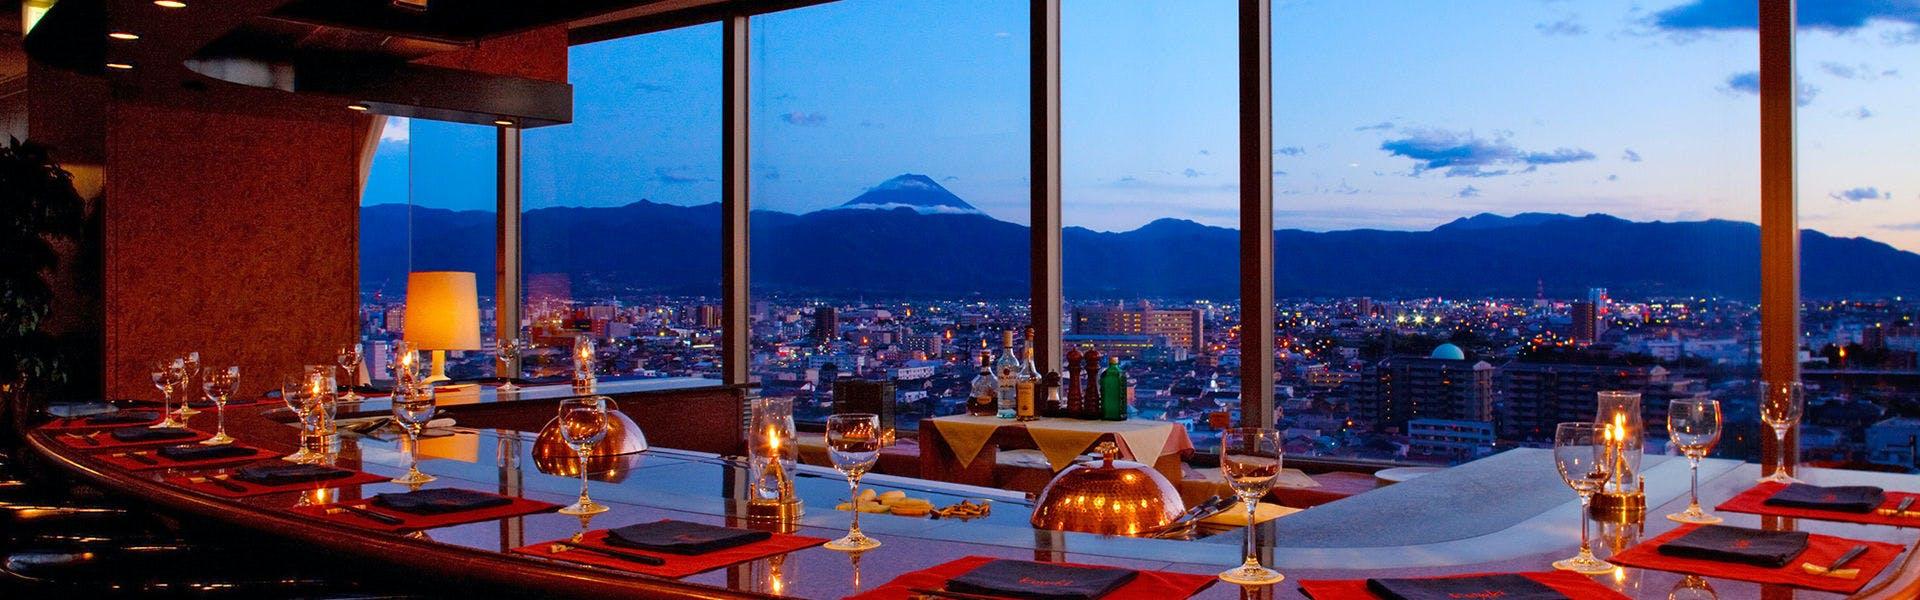 記念日におすすめのホテル・甲府 記念日ホテルの写真1